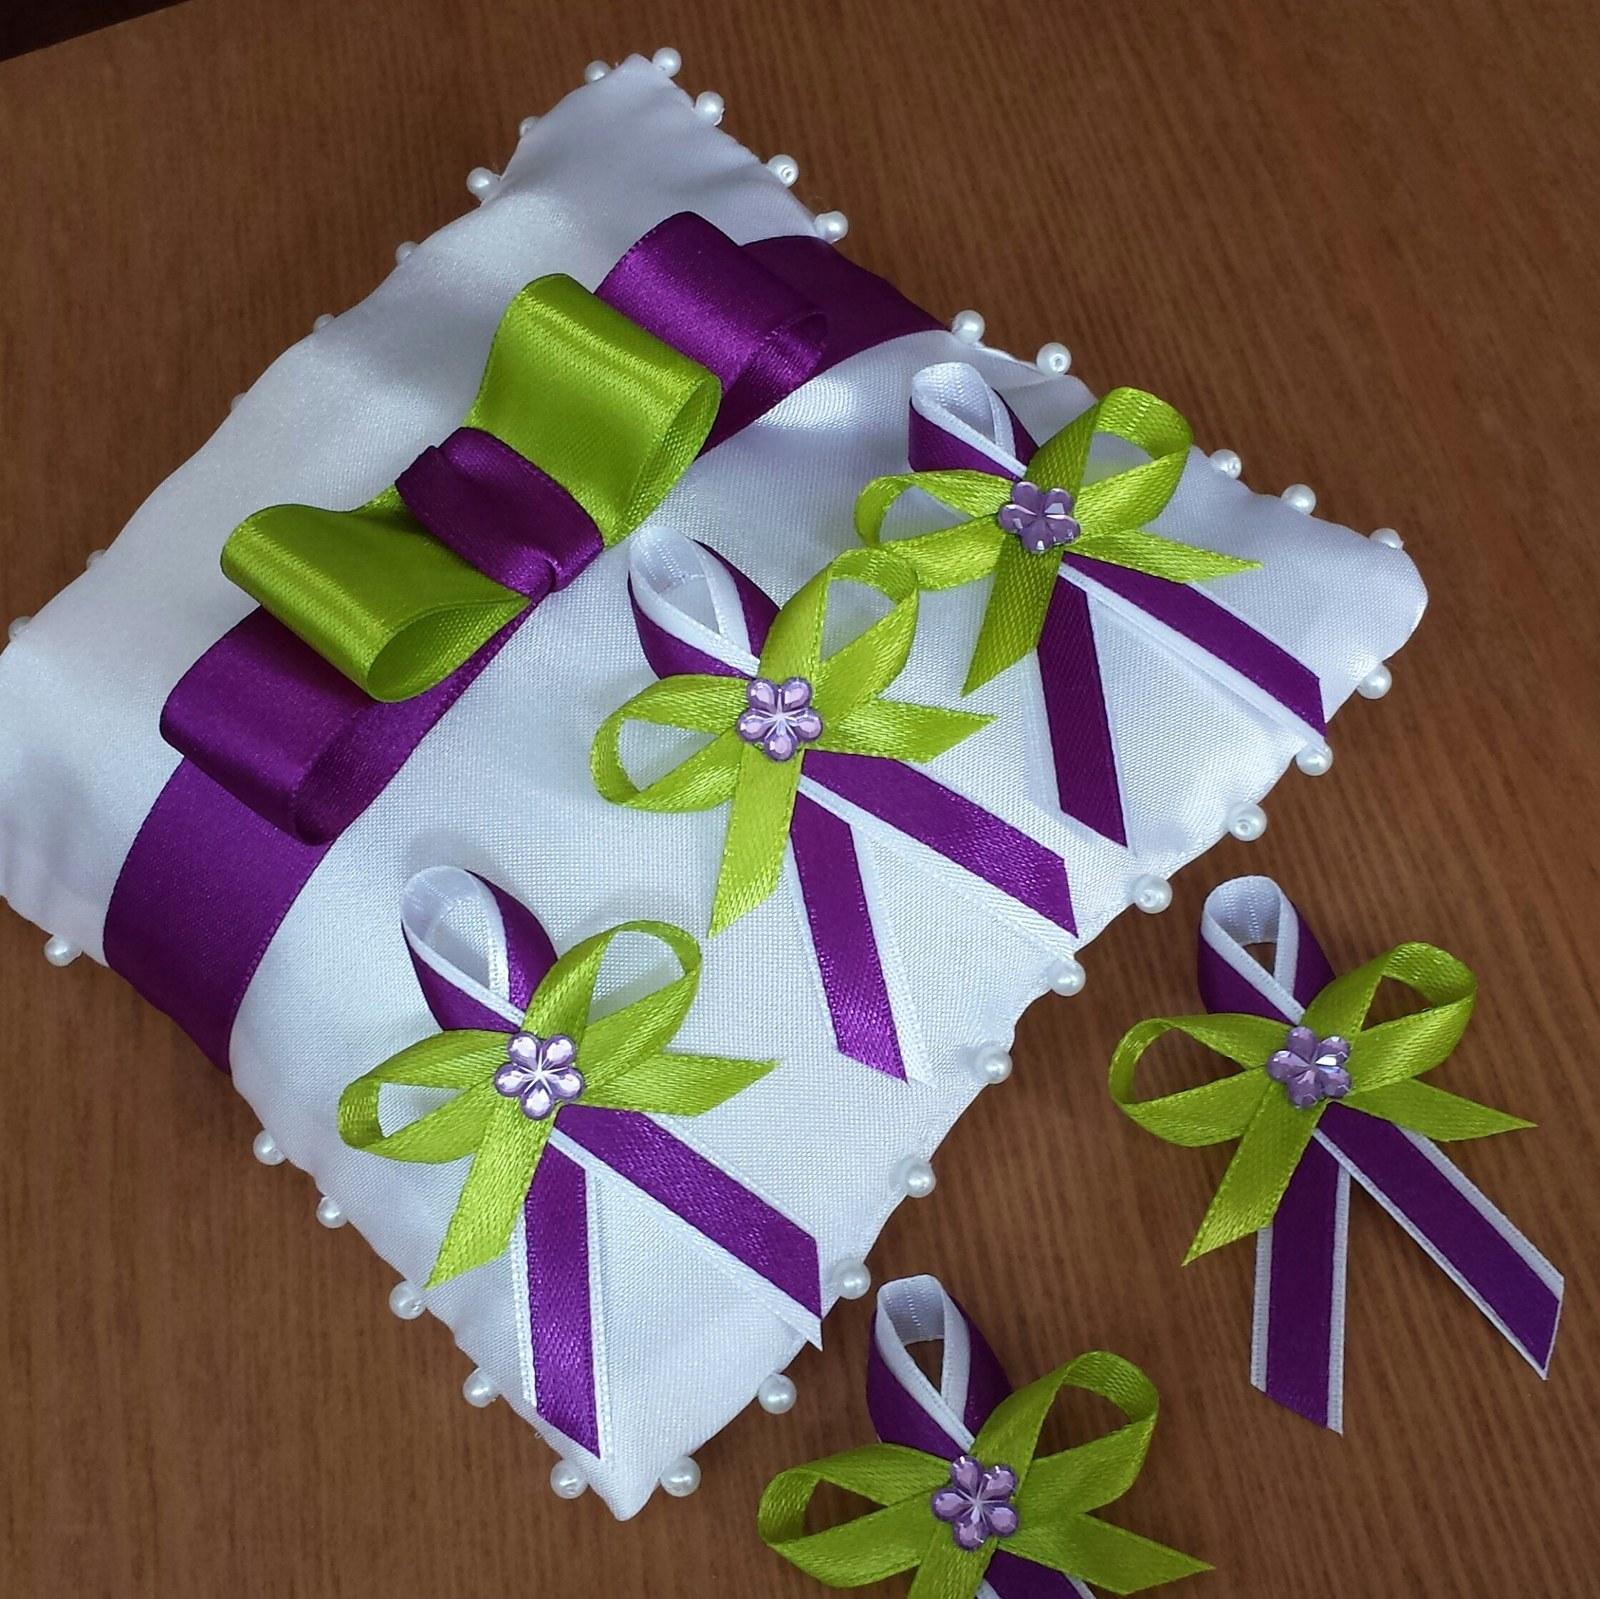 Vývazky a polštářek s mašlí - barva dle přání - Obrázek č. 1